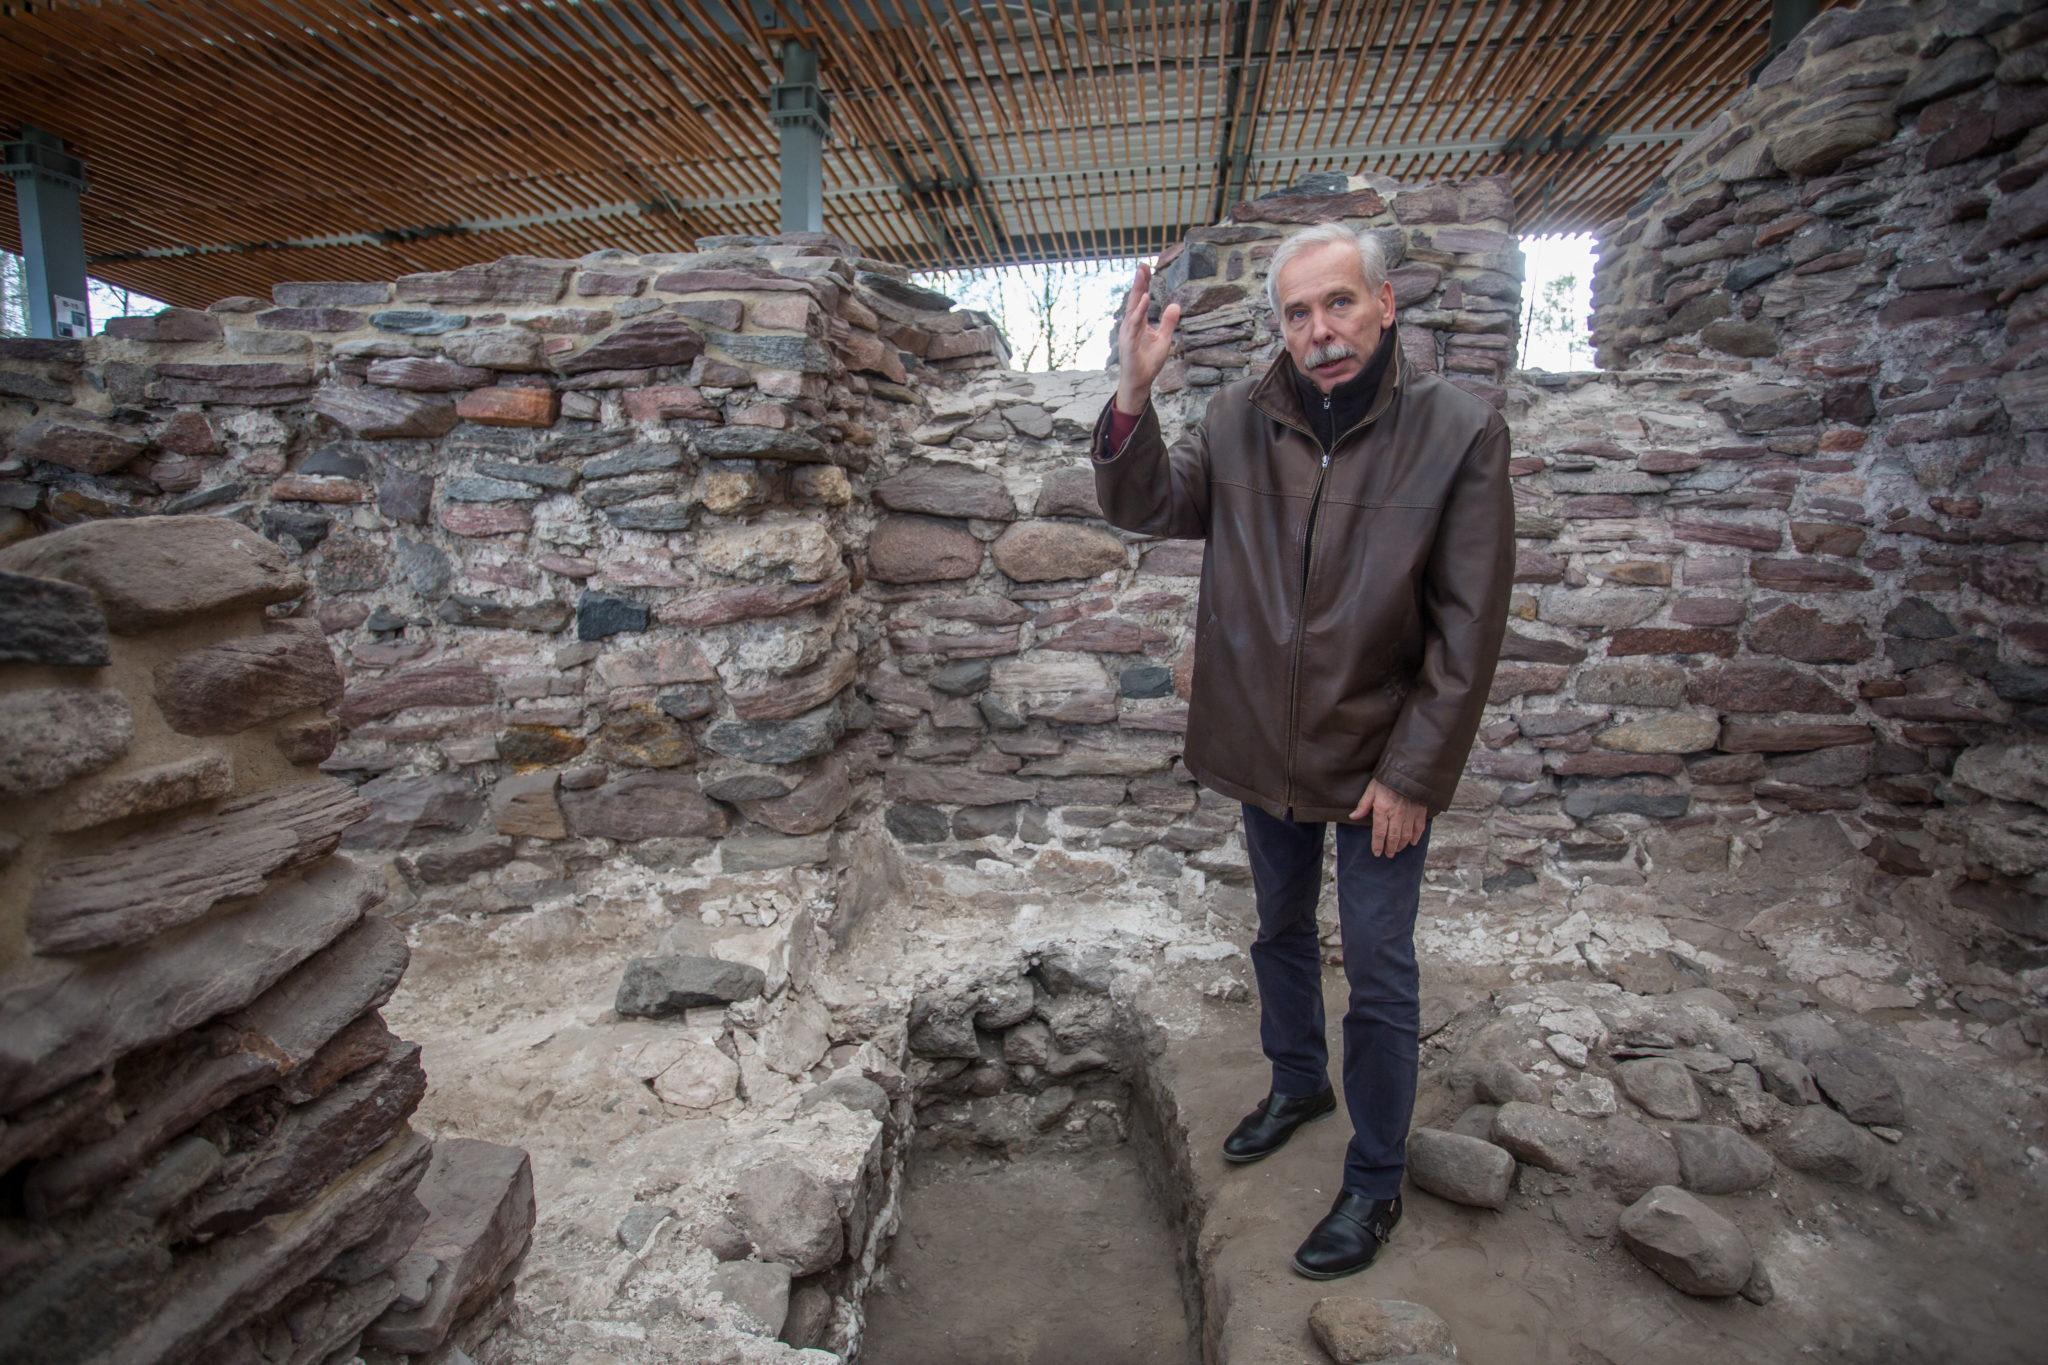 Starszy kustosz, kierownik działu archeologicznego Muzeum Pierwszych Piastów na Lednicy dr Janusz Górecki prezentuje odrestaurowane pozostałośœci jednego z basenów chrzcielnych z kaplicy pałacowej na Ostrowie Lednickim. Przez ostatnie 28 lat zabytek wykonany z gipsu jastrychowego spoczywał pod ziemią, zabezpieczony w ten sposób przez archeologów przed ewentualnymi uszkodzeniami. Według naukowców bardzo prawdopodobne jest, że baseny były miejscami chrztu księcia Mieszka I oraz jego rodziny i najbliższego otoczenia. Fot. PAP/Paweł Jaskółka